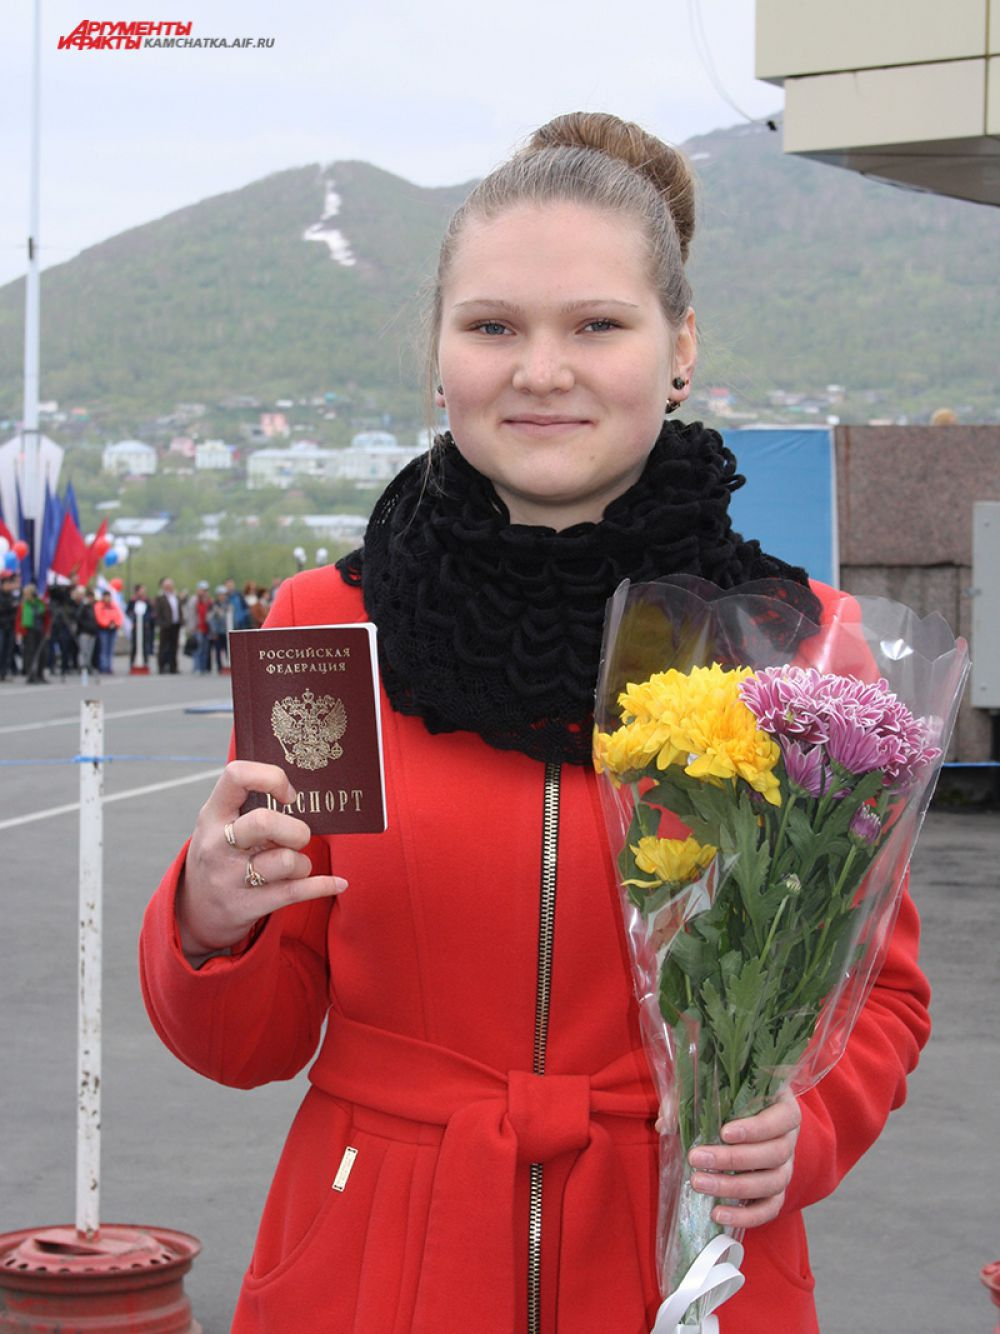 А 12 юных жителя Петропавловска на сцене получили свои первые паспорта.